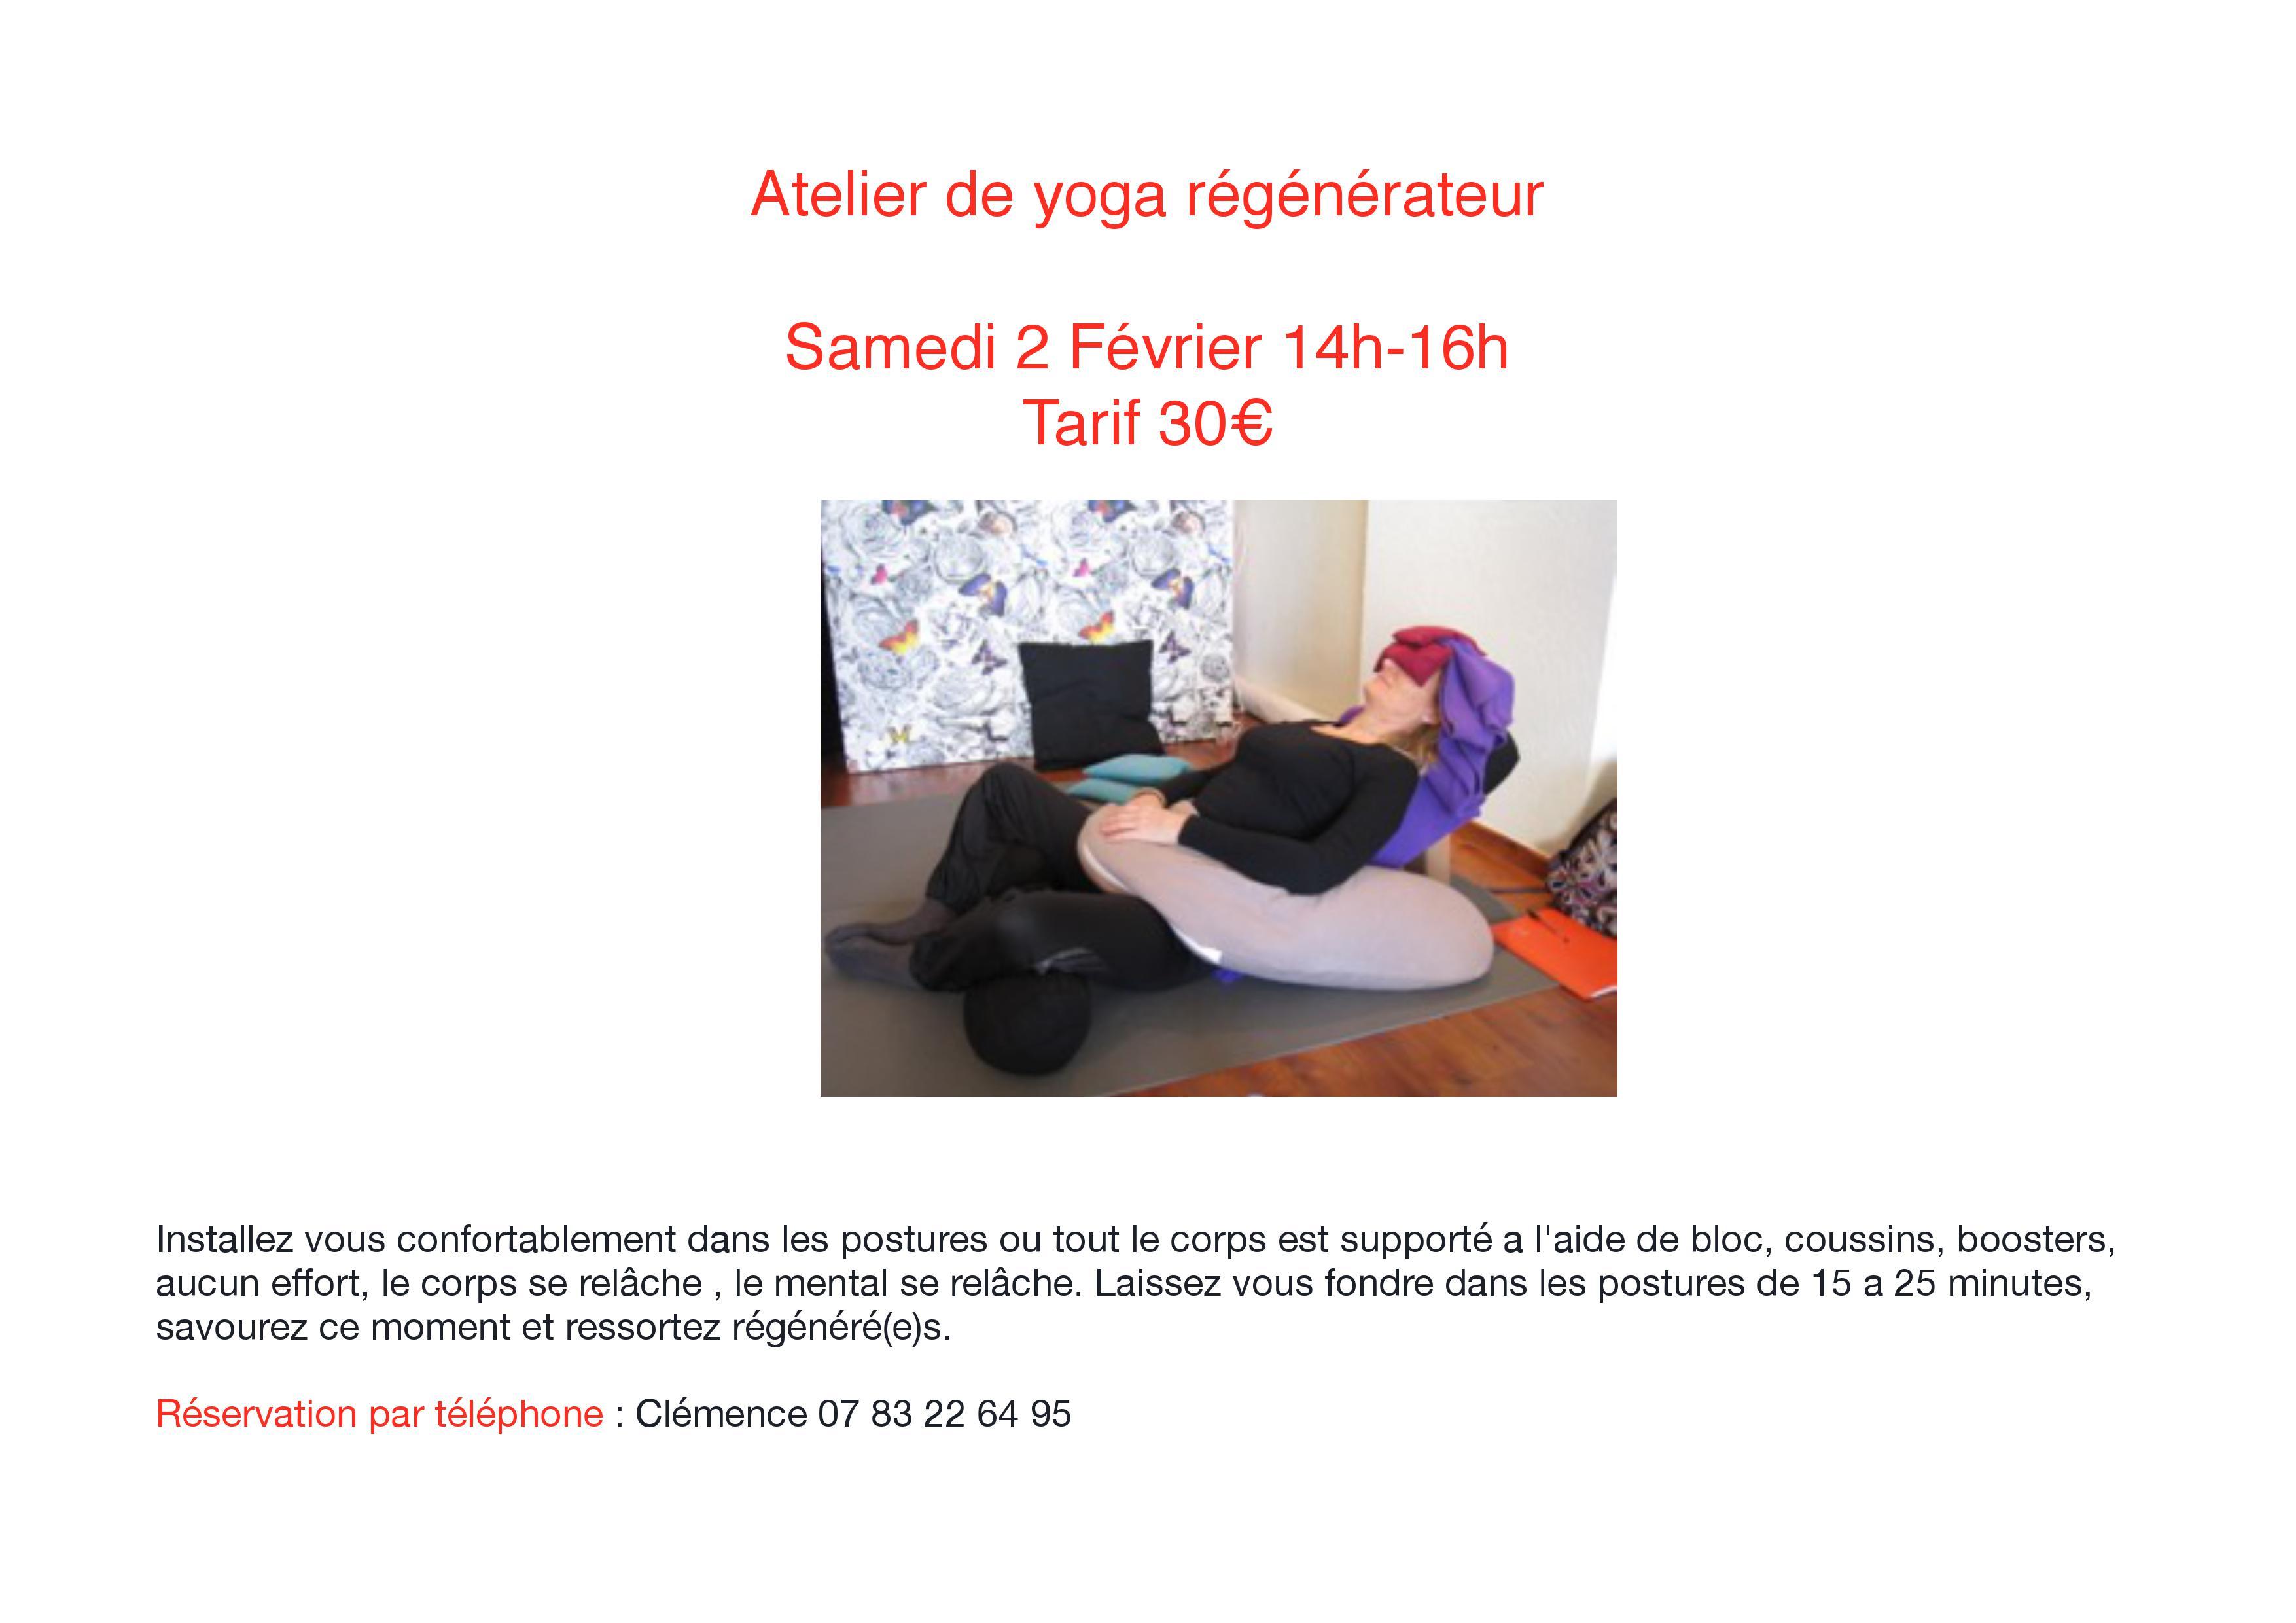 Atelier de yoga régénérateur Samedi 2 février14h-16h